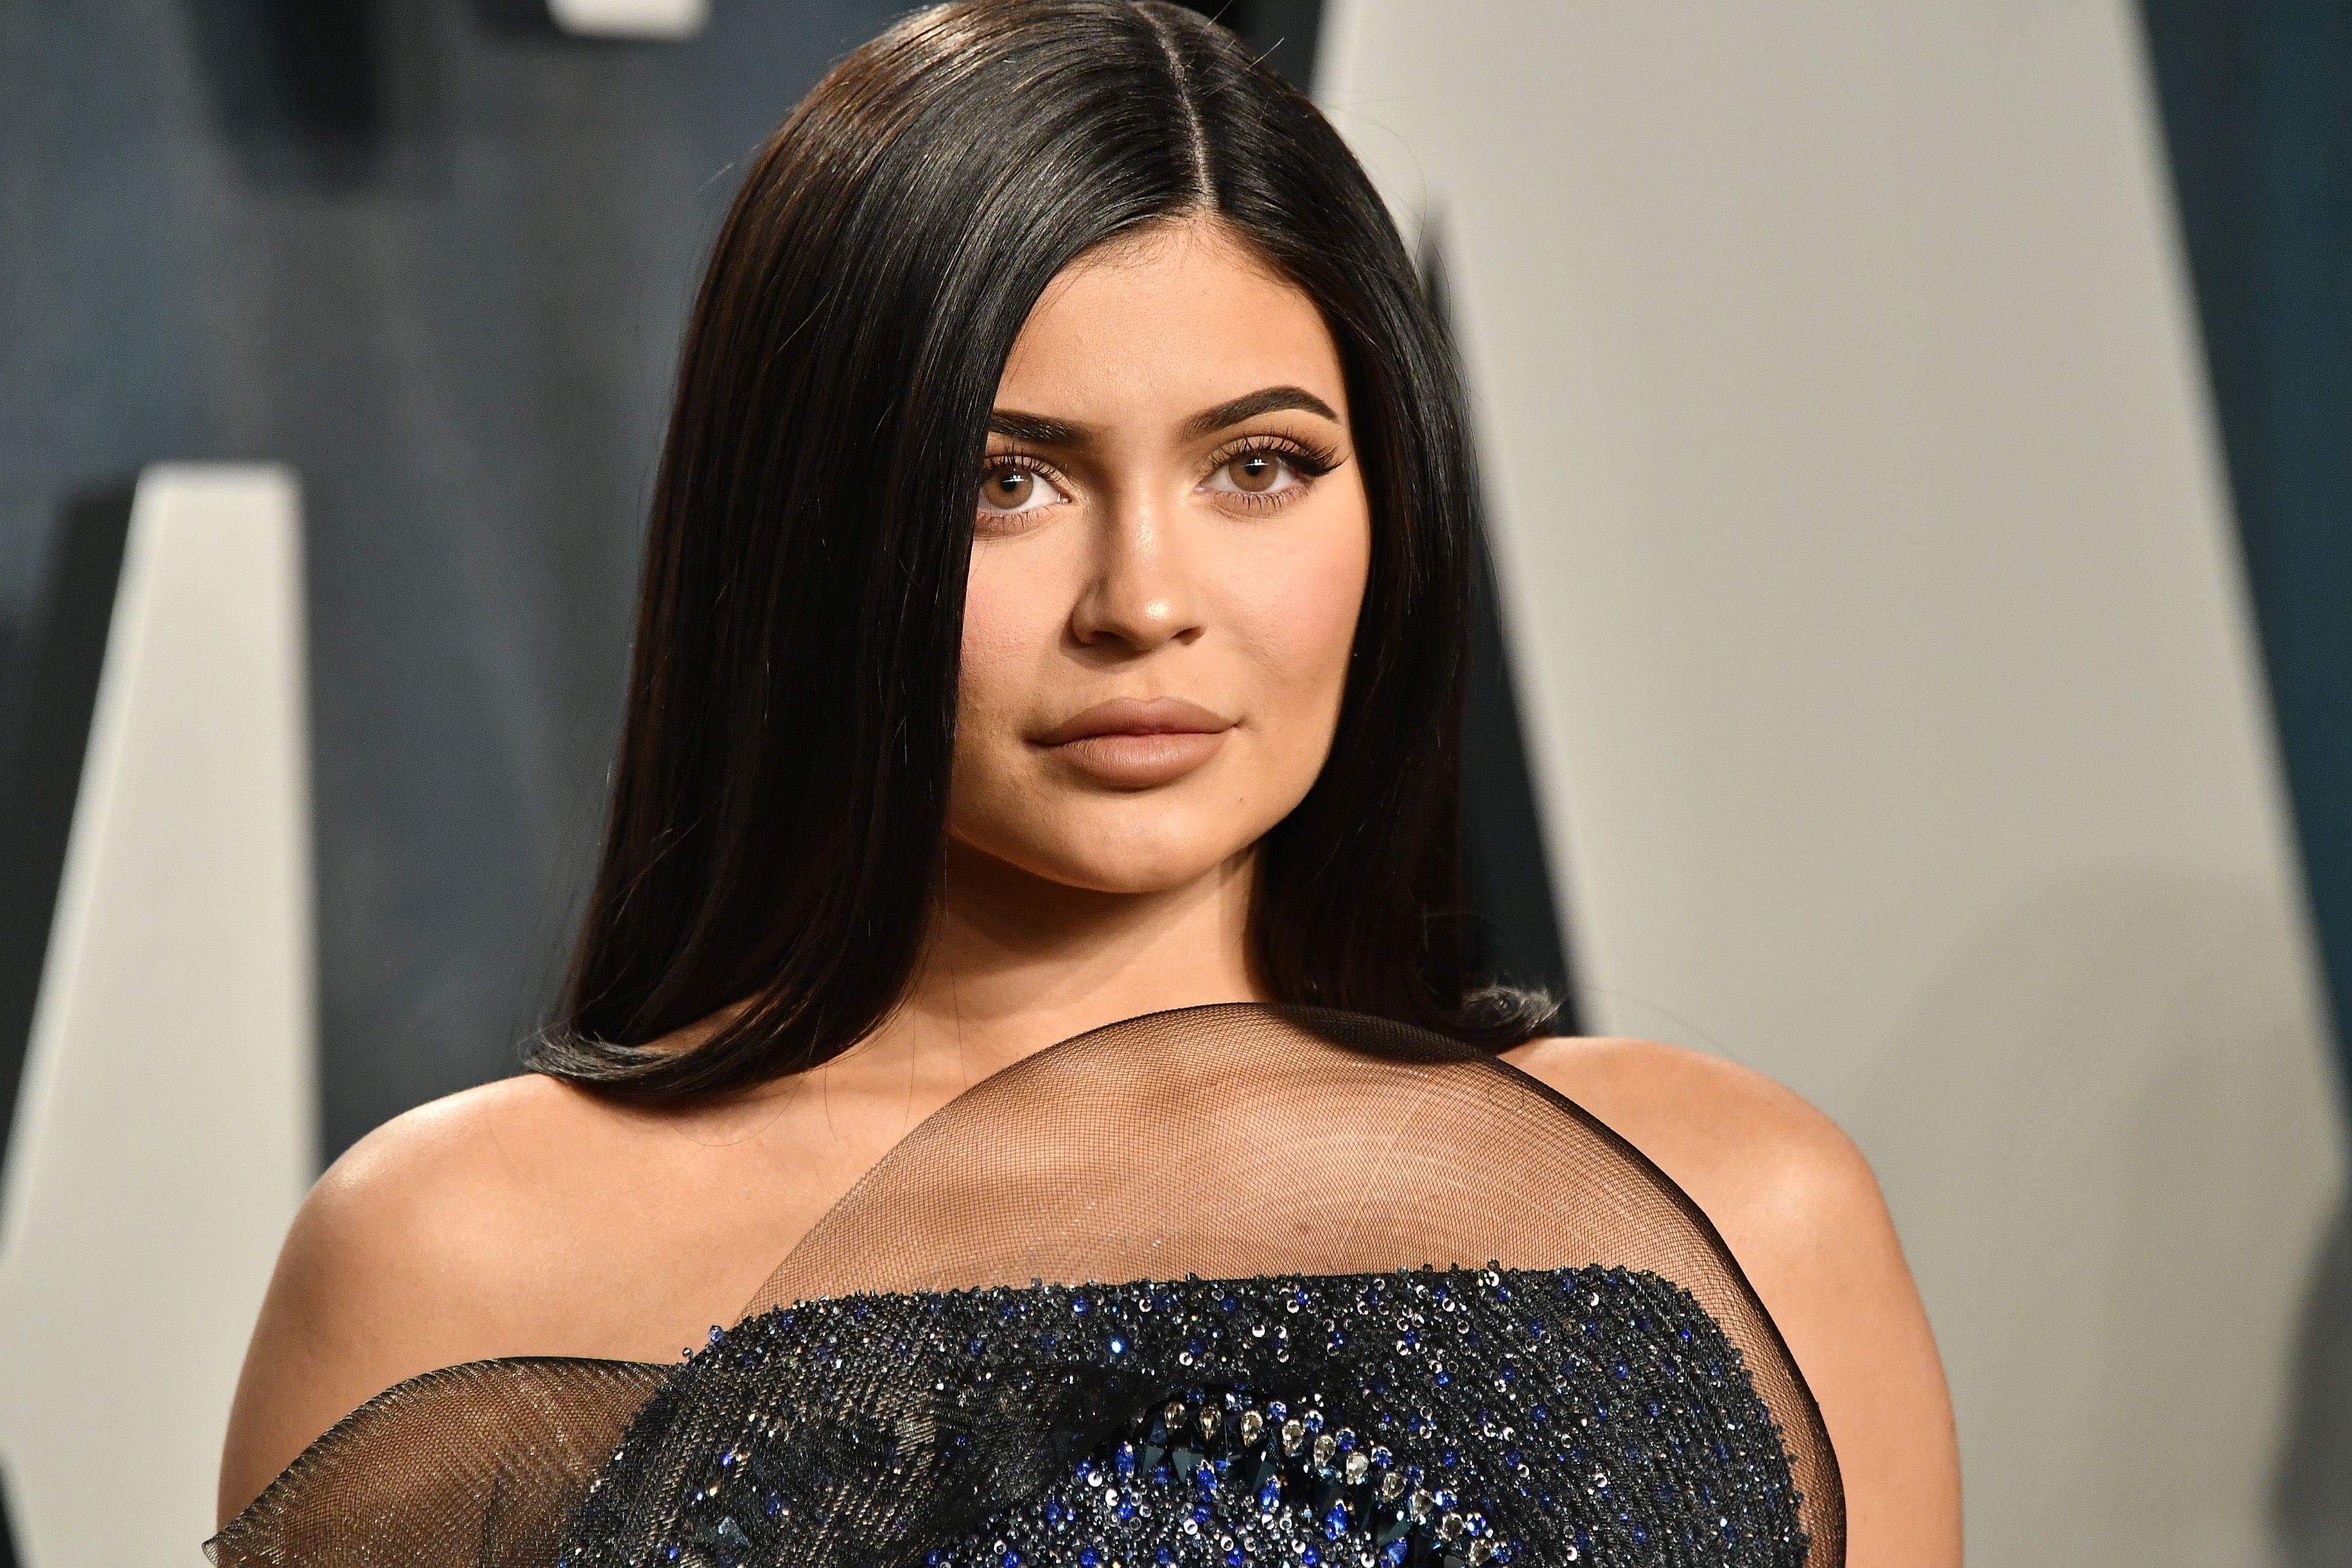 Kylie Jenner posa con el bikini de lazos perfecto para disimular cadera y estilizar la figura